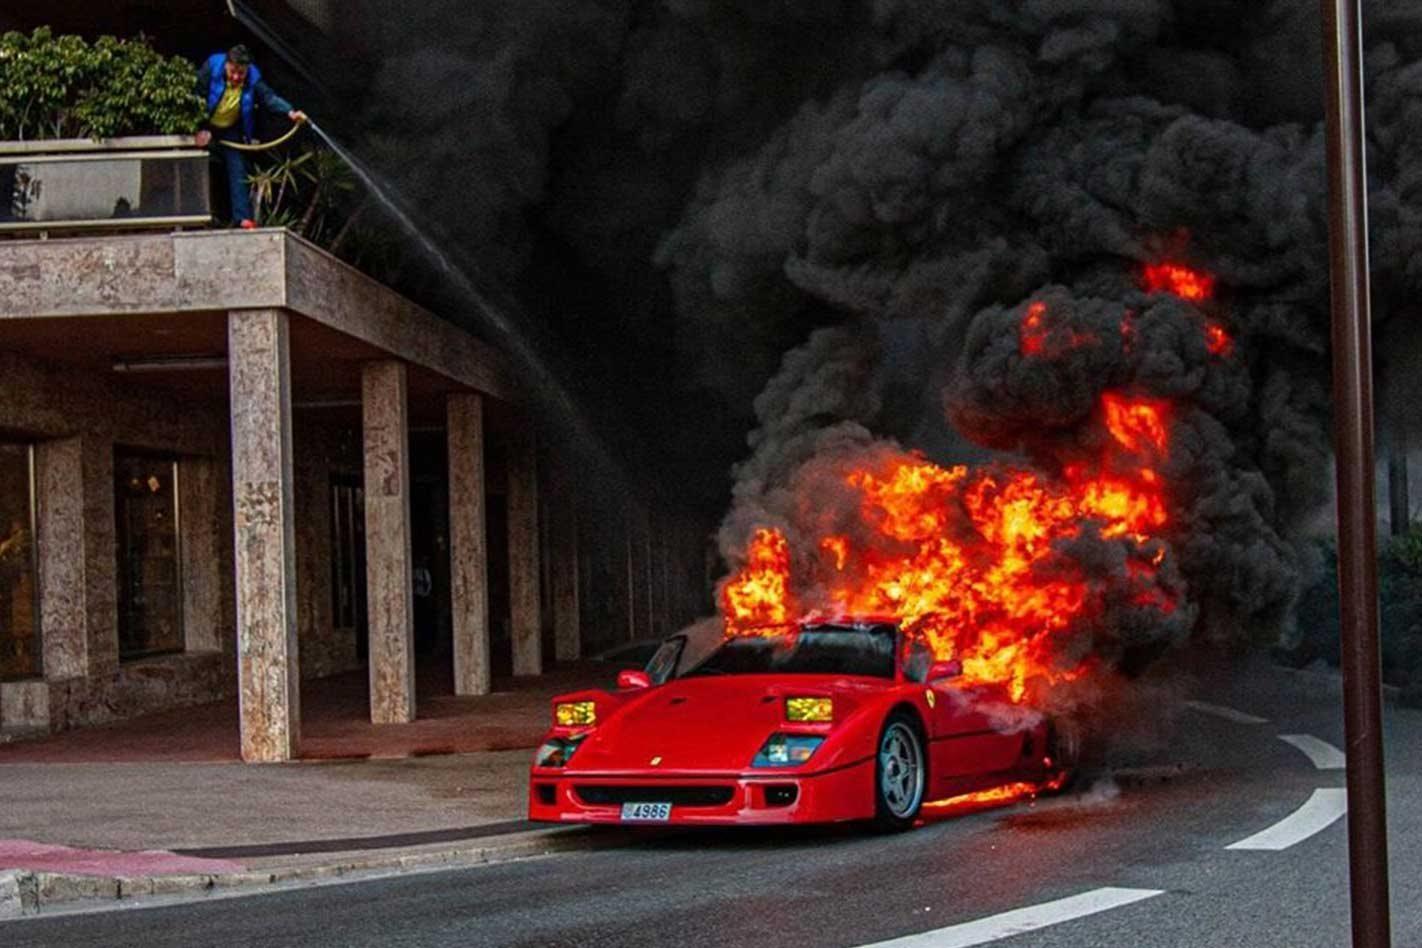 Владелец Ferrari F40 катался на своём винтажном суперкаре по улицам Монако, и ничто не предвещало беды. Однако всего за несколько минут культовое итальянское авто выгорело полностью.